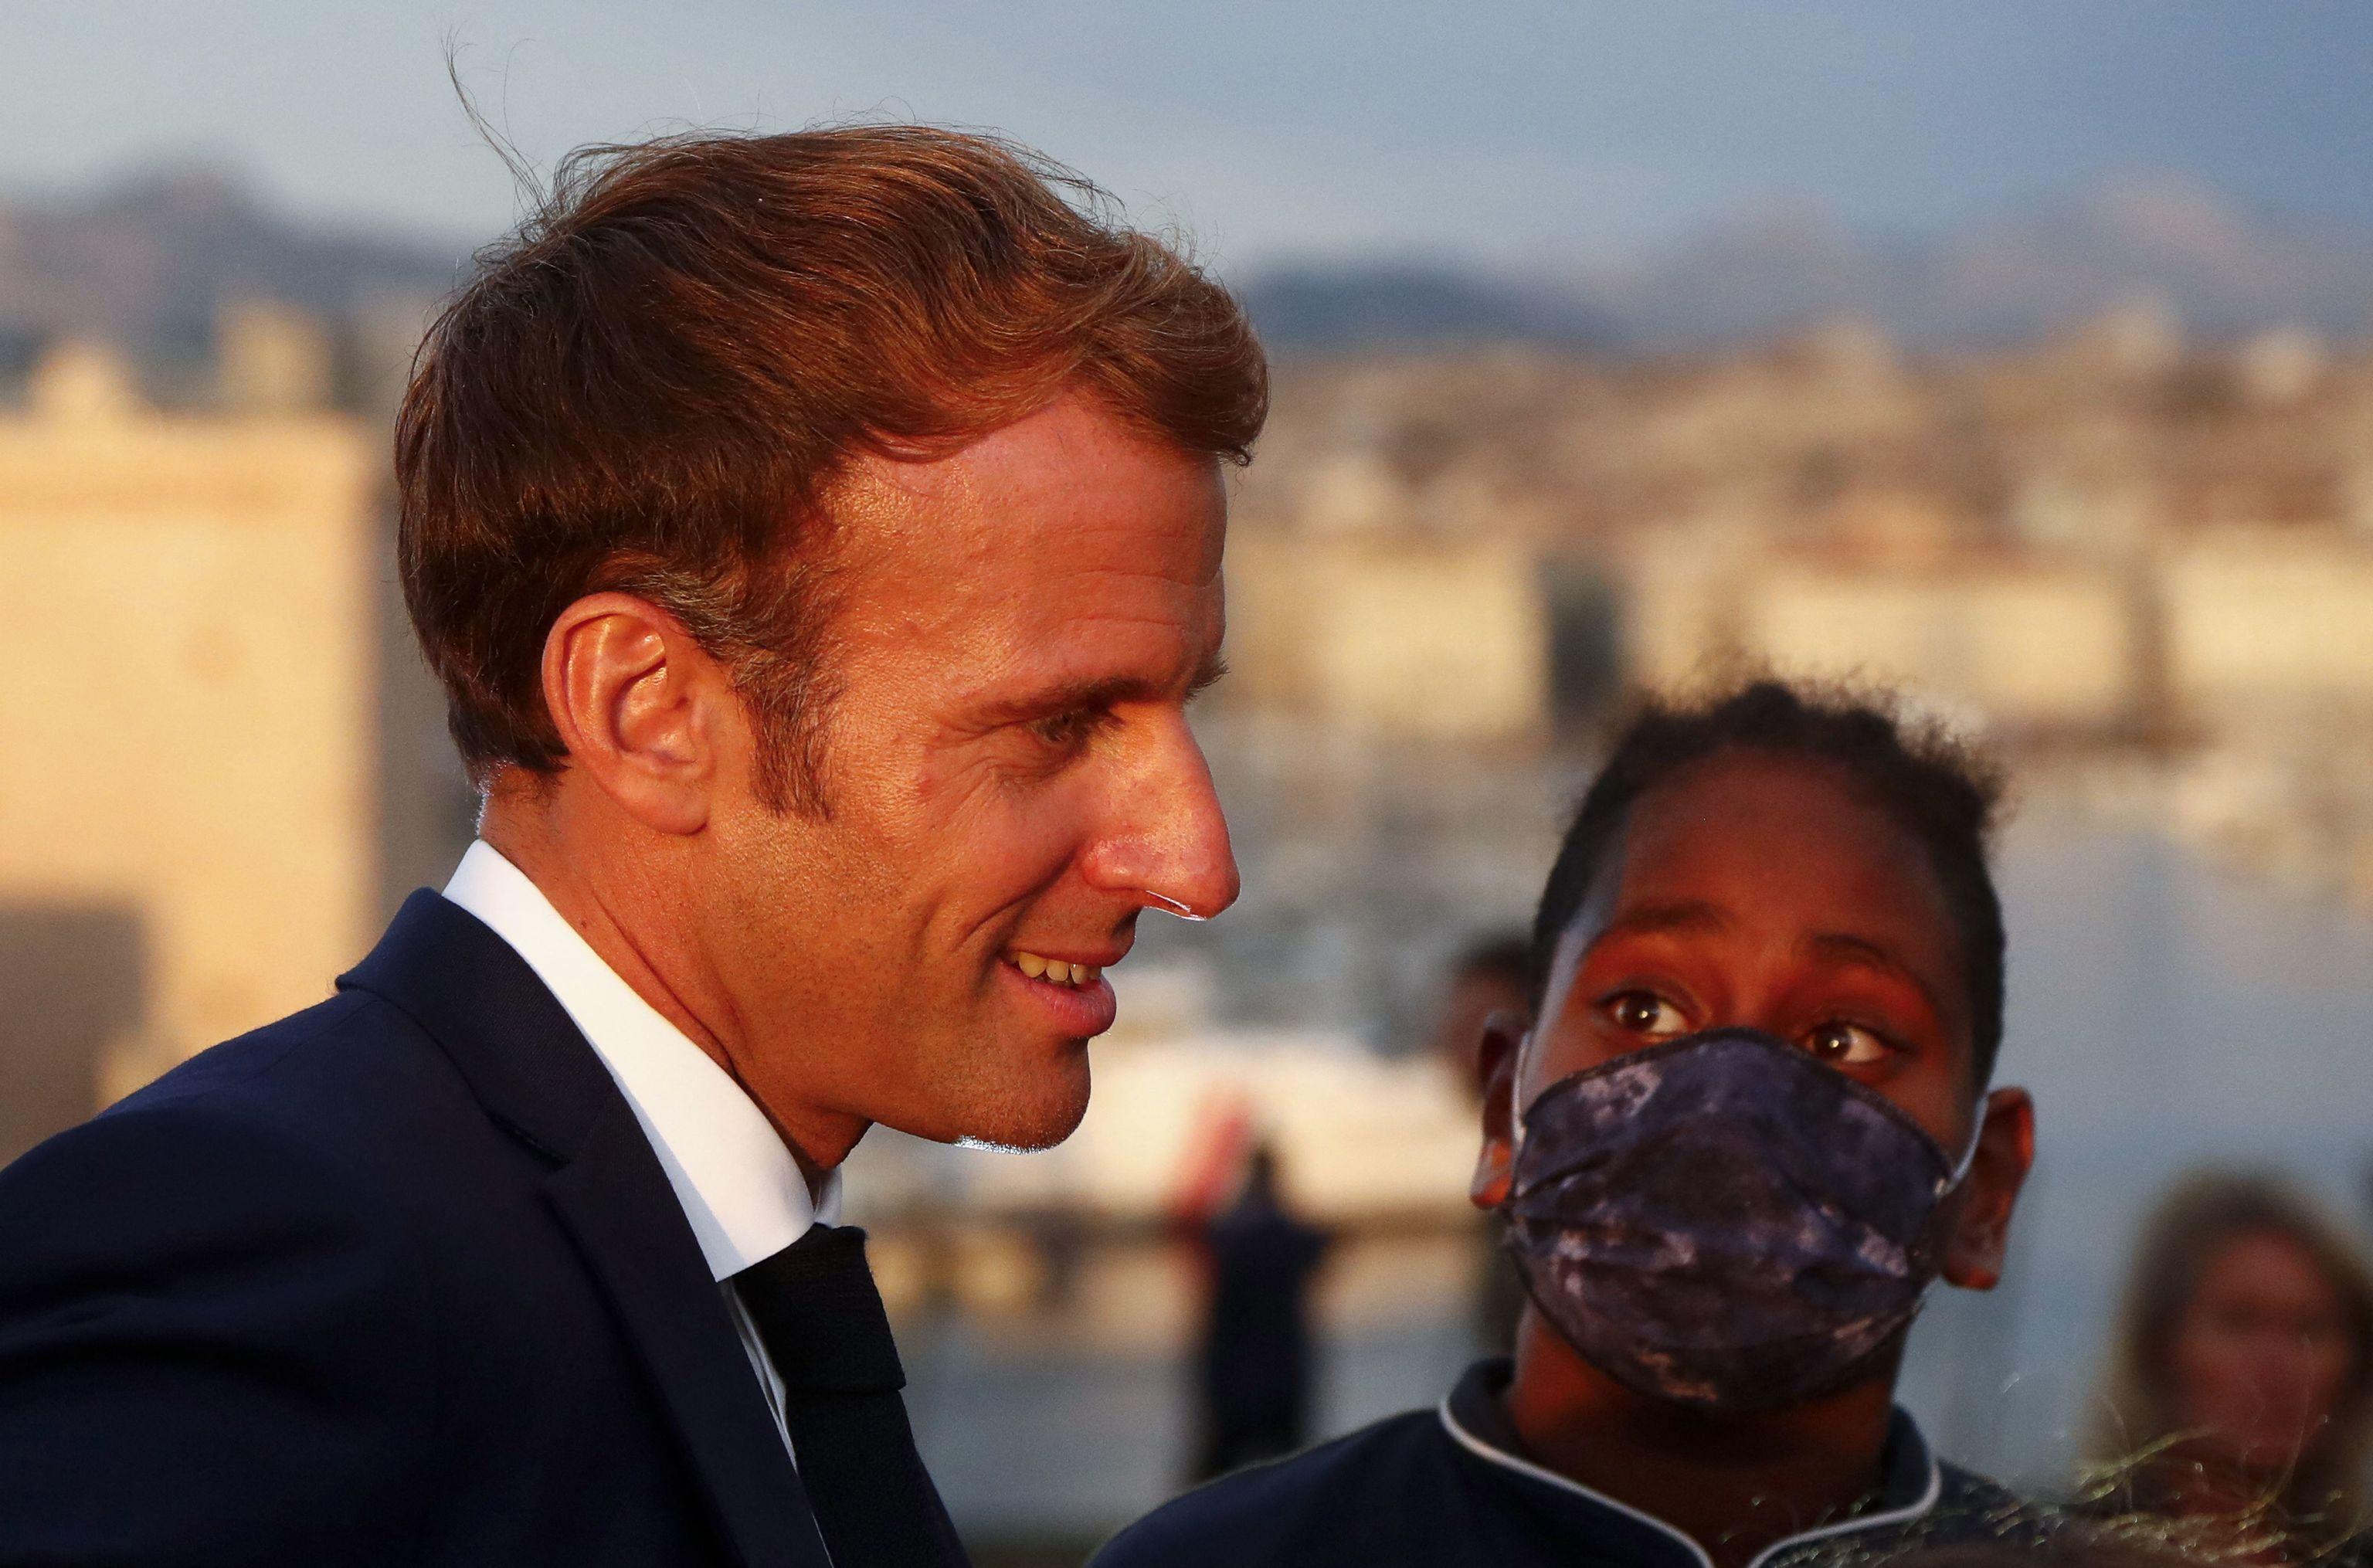 Un niño observa a Emmanuel Macron durante su visita a Marsella.